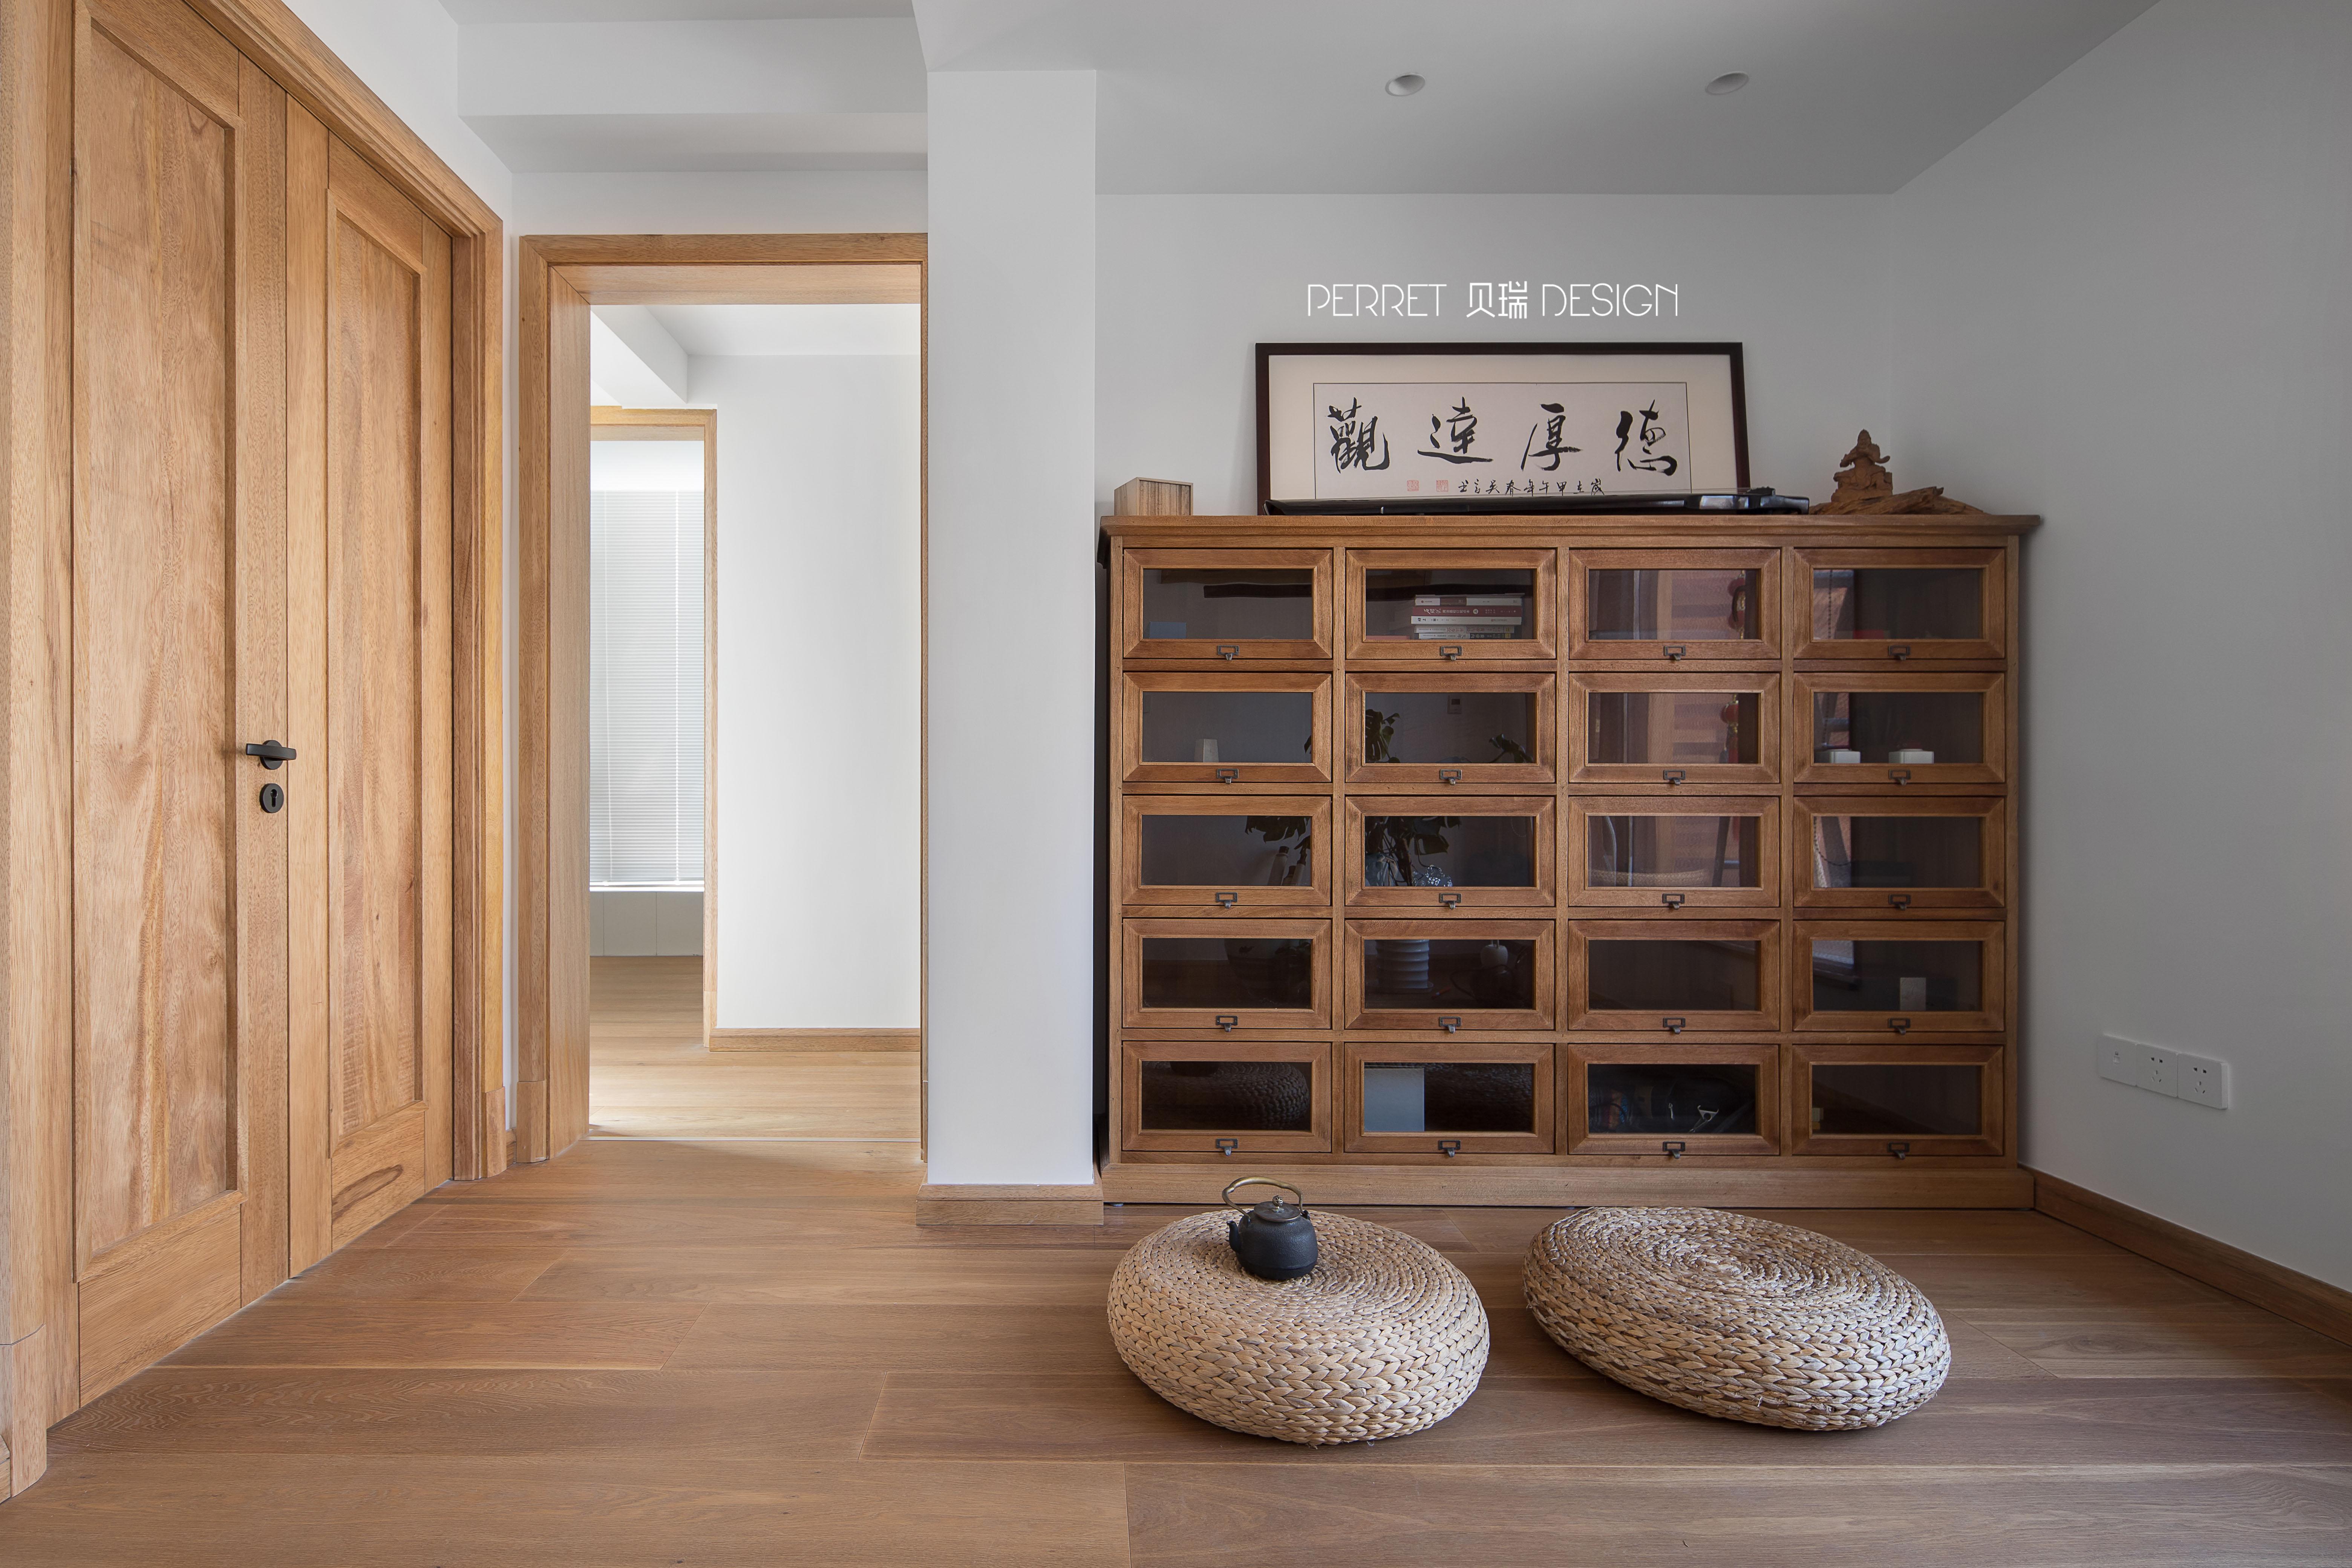 禅意空间 贝瑞设计 复式空间 简约空间 苏州设计师 其他图片来自展小宁在我心素已闲—禅意的佛系居所的分享